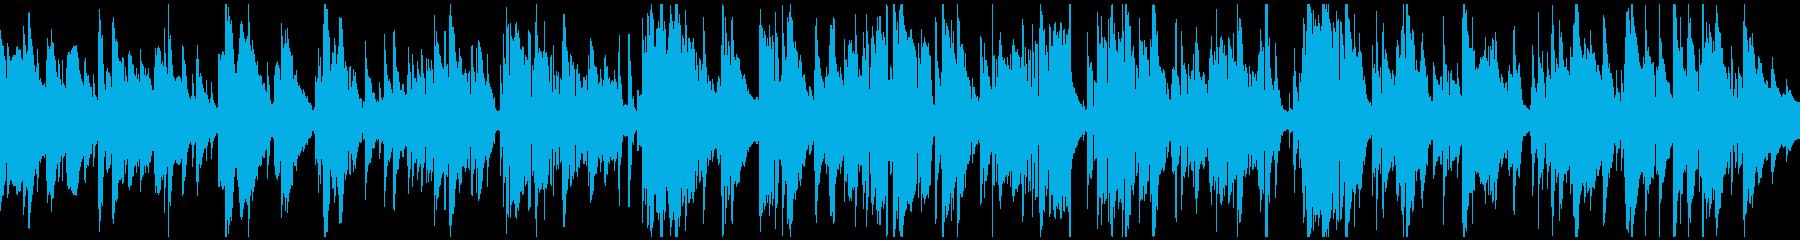 哀愁漂う切ない大人なバラード ※ループ版の再生済みの波形